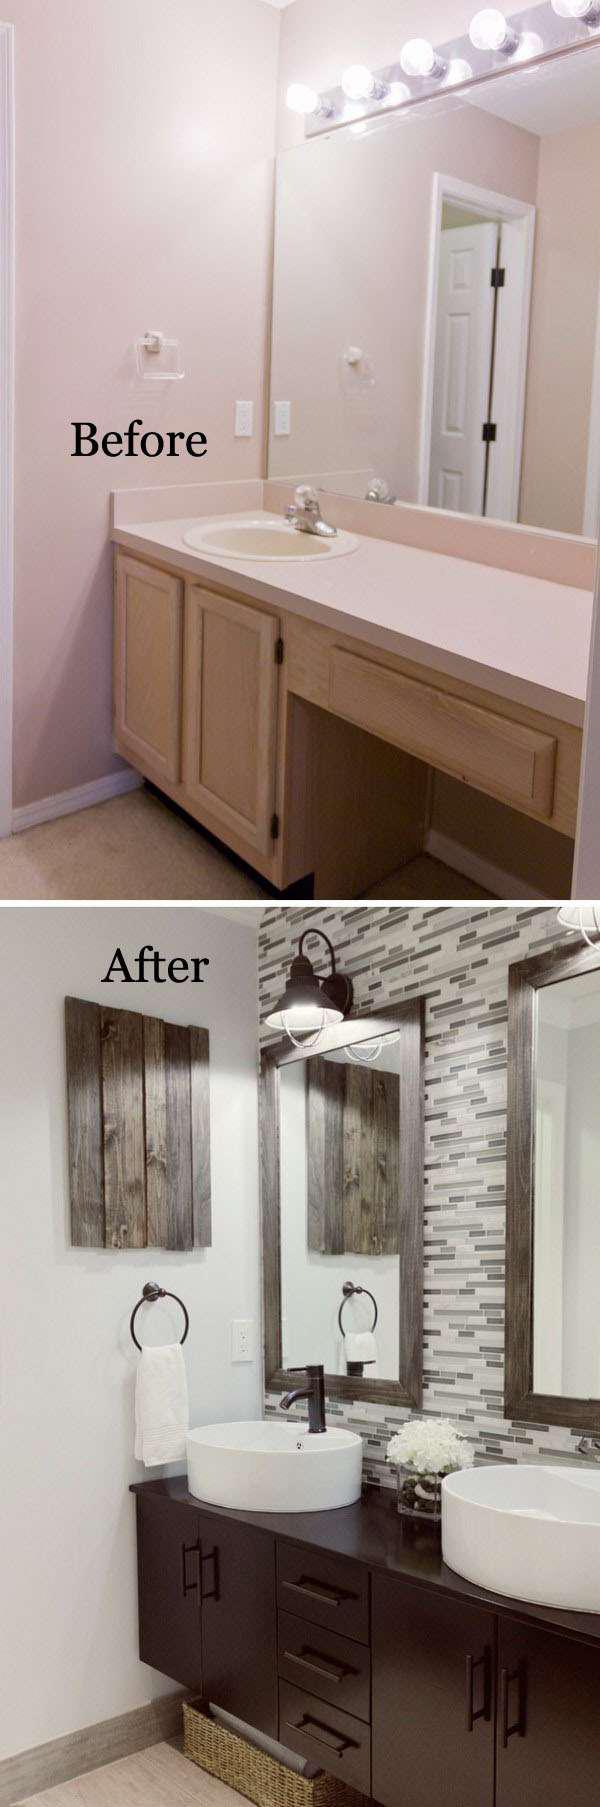 image16-16 | 16 идей преображения старой ванной комнаты